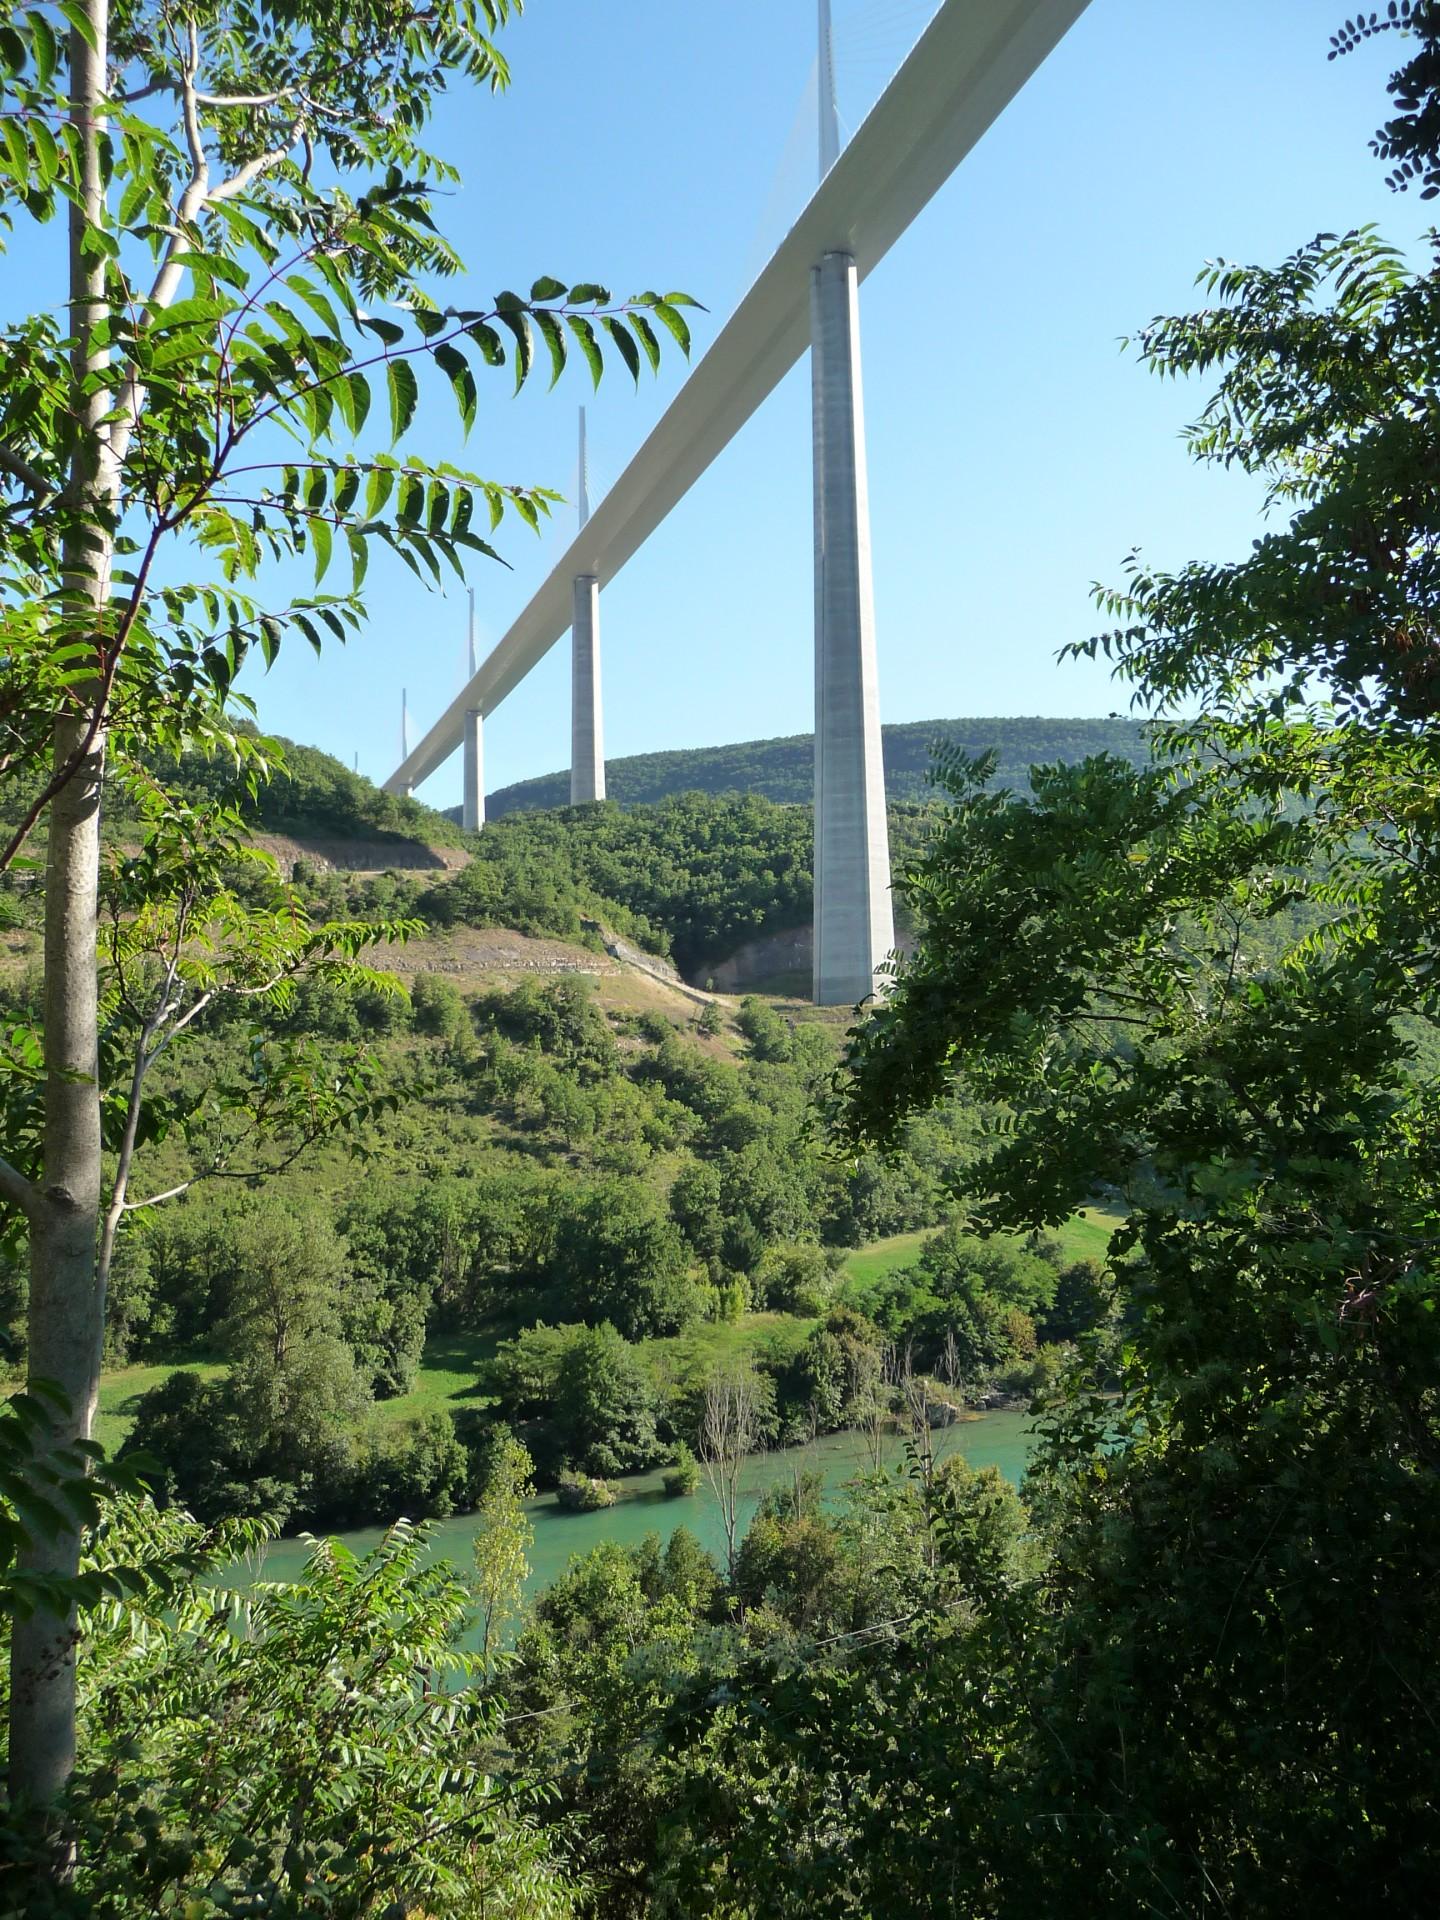 Viaduc de Millau in natürlicher Landschaft